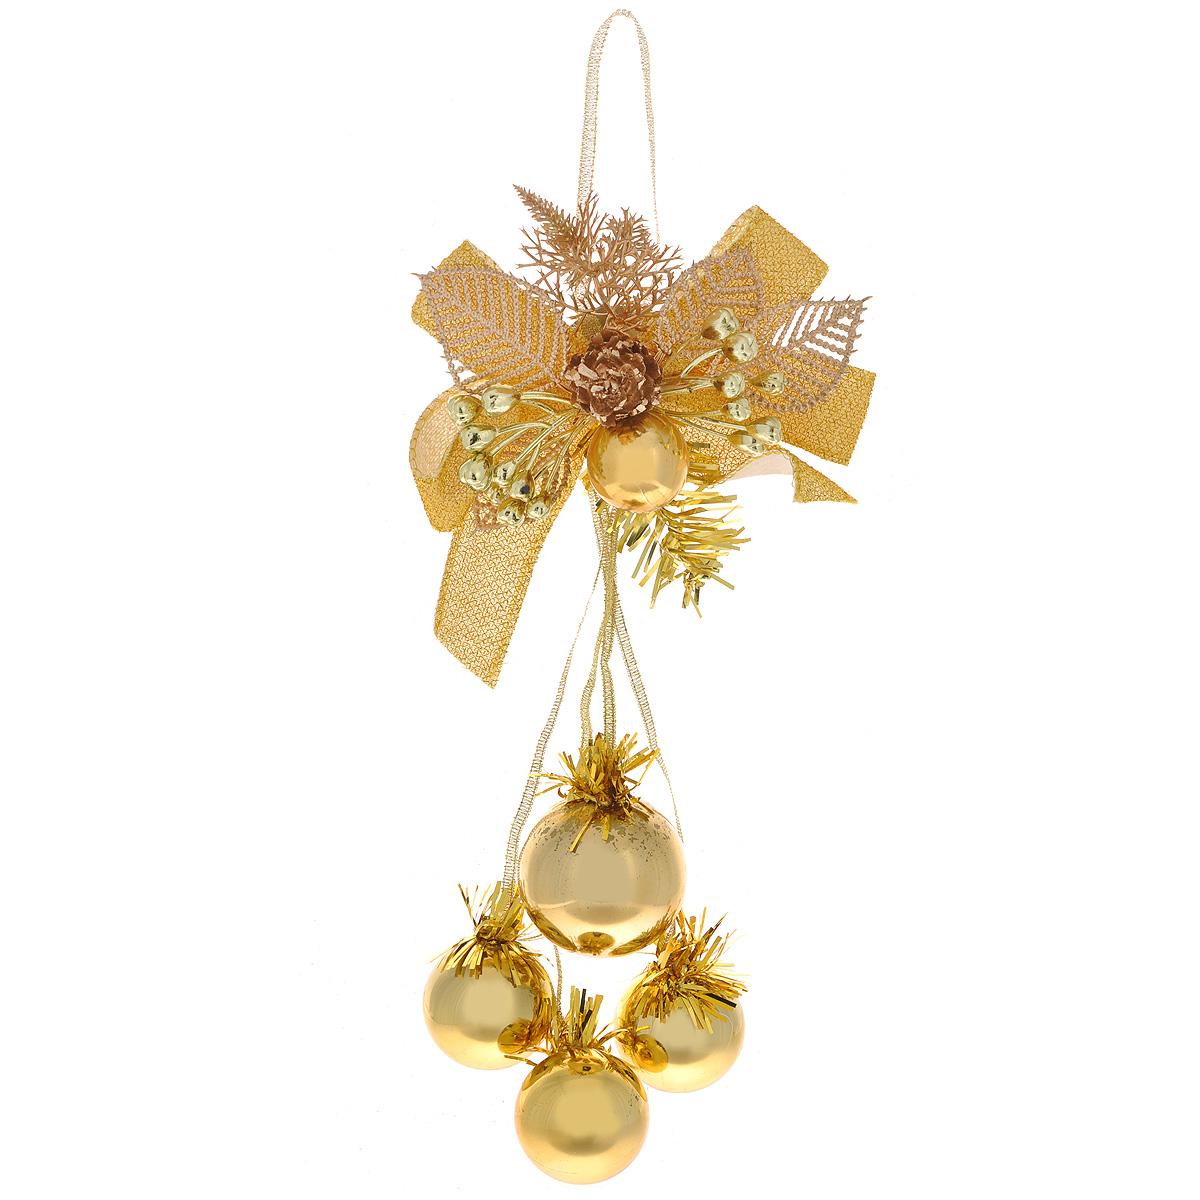 Новогоднее подвесное украшение Шарики, цвет: золотистый. 3442634426Оригинальное новогоднее украшение из пластика прекрасно подойдет для праздничного декора дома и новогодней ели. Изделие крепится на елку с помощью металлического зажима.